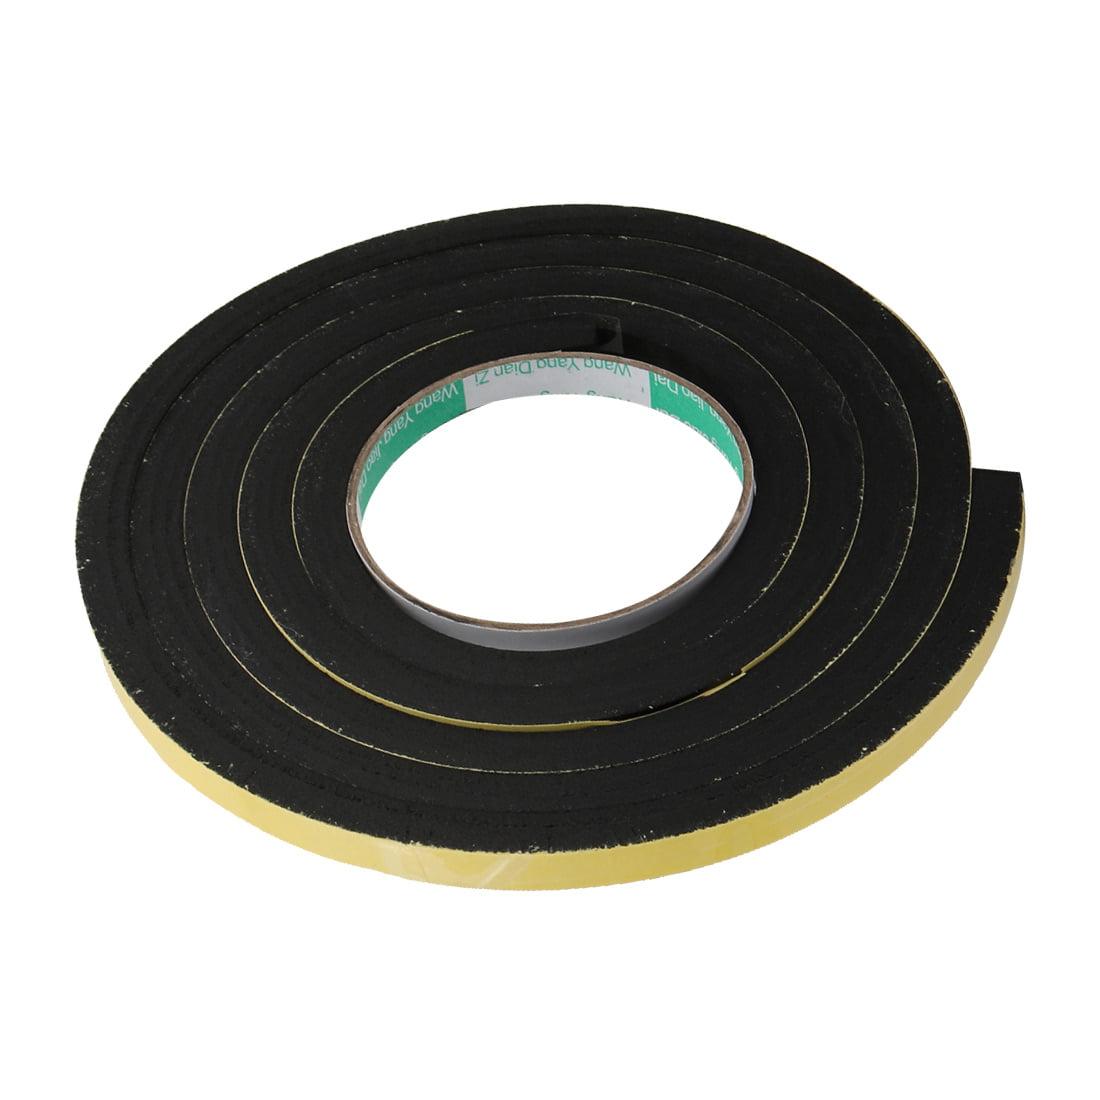 Unique Bargains 2pcs 10mm Wide 10mm Thick Single Sided Shockproof Sponge Tape Black 2M Long - image 2 de 4